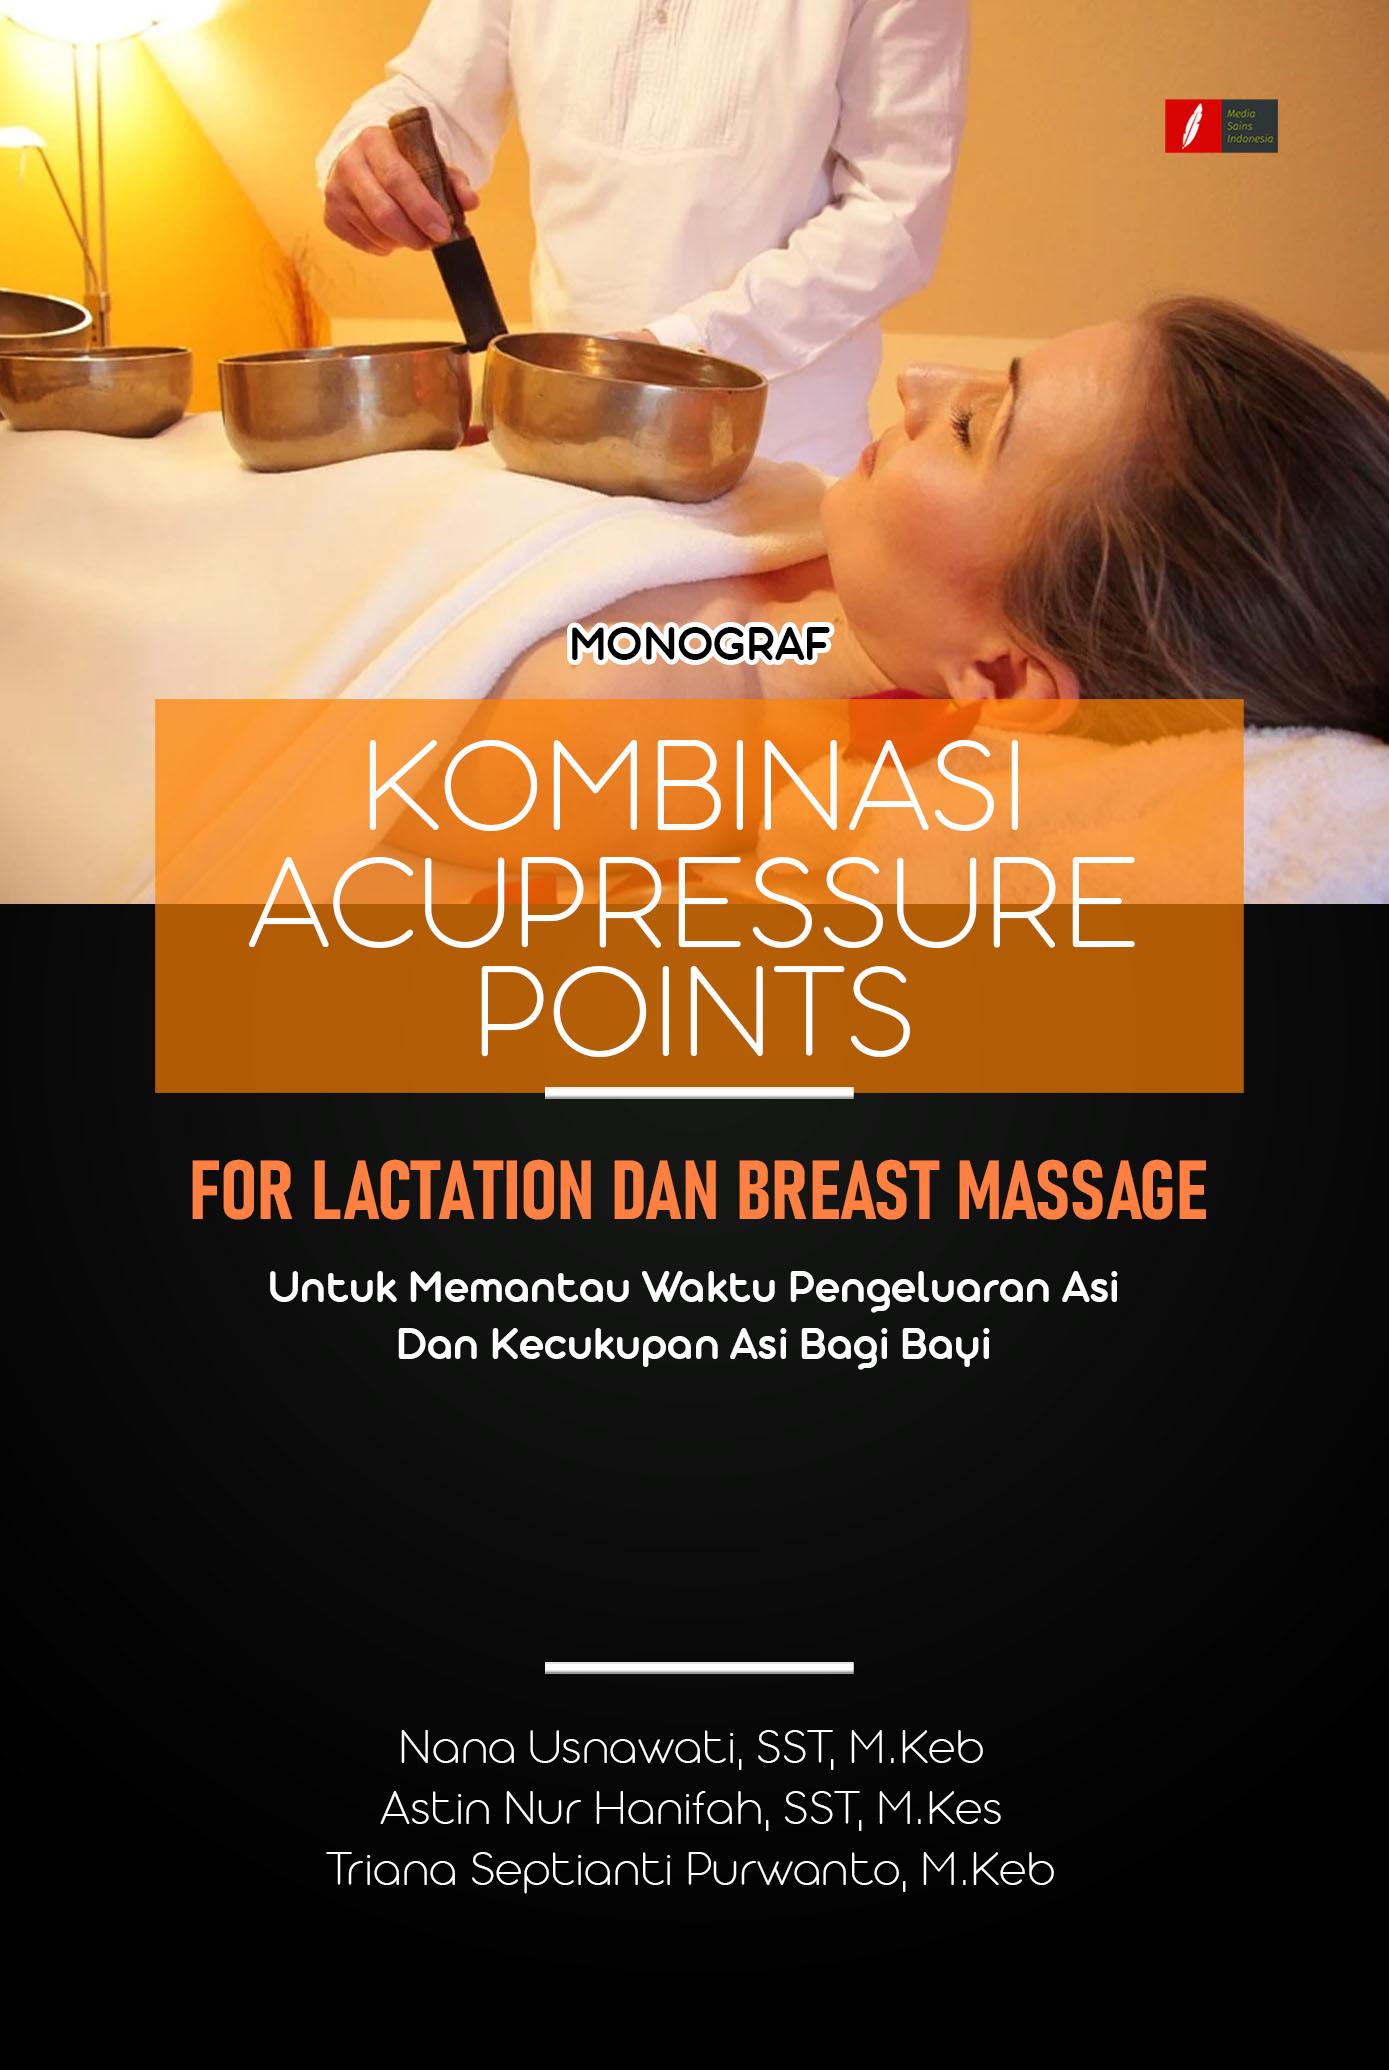 Monograf kombinasi acupressure points for lactation dan breast massage untuk memantau waktu pengeluaran asi dan kecukupan asi bagi bayi [sumber elektronis]